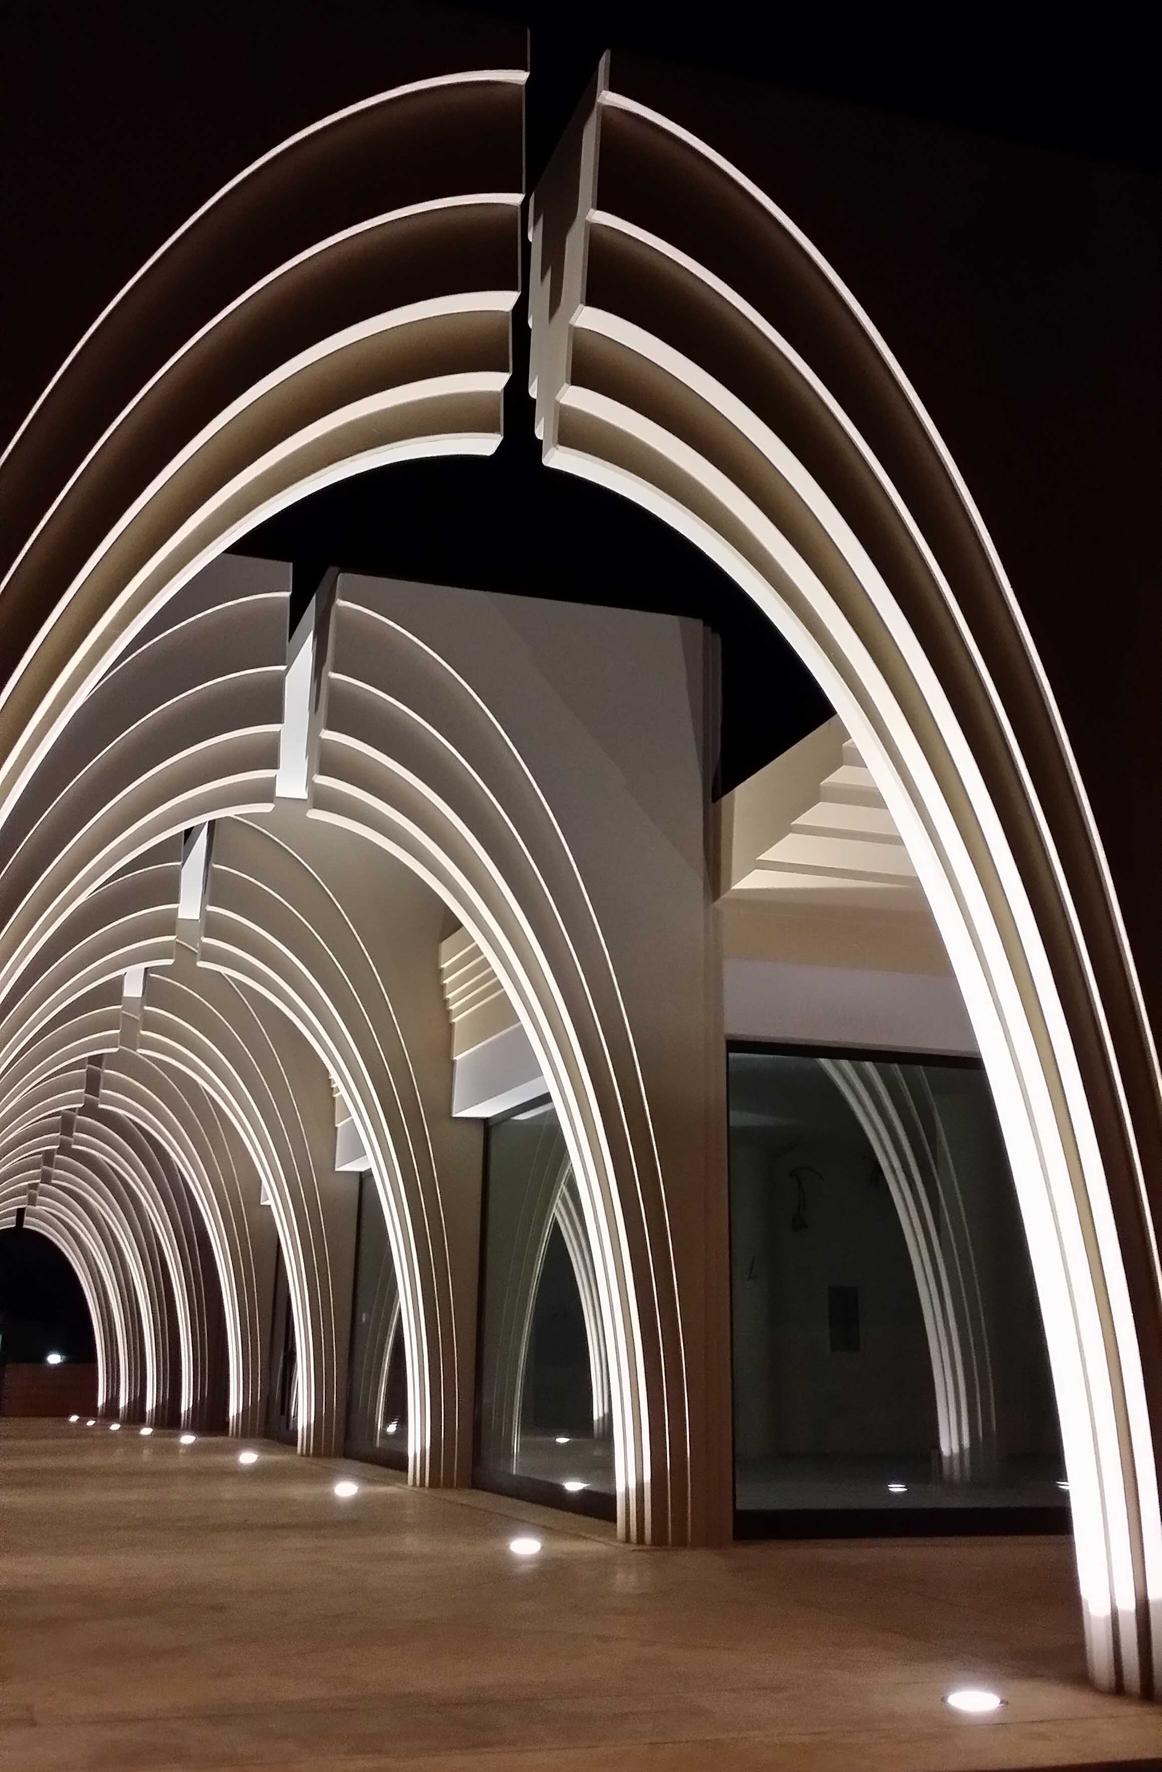 FOTOGRAFIE DEL MERCATO COPERTO. Controllare lo  spazio attraverso la luce e le ombre.